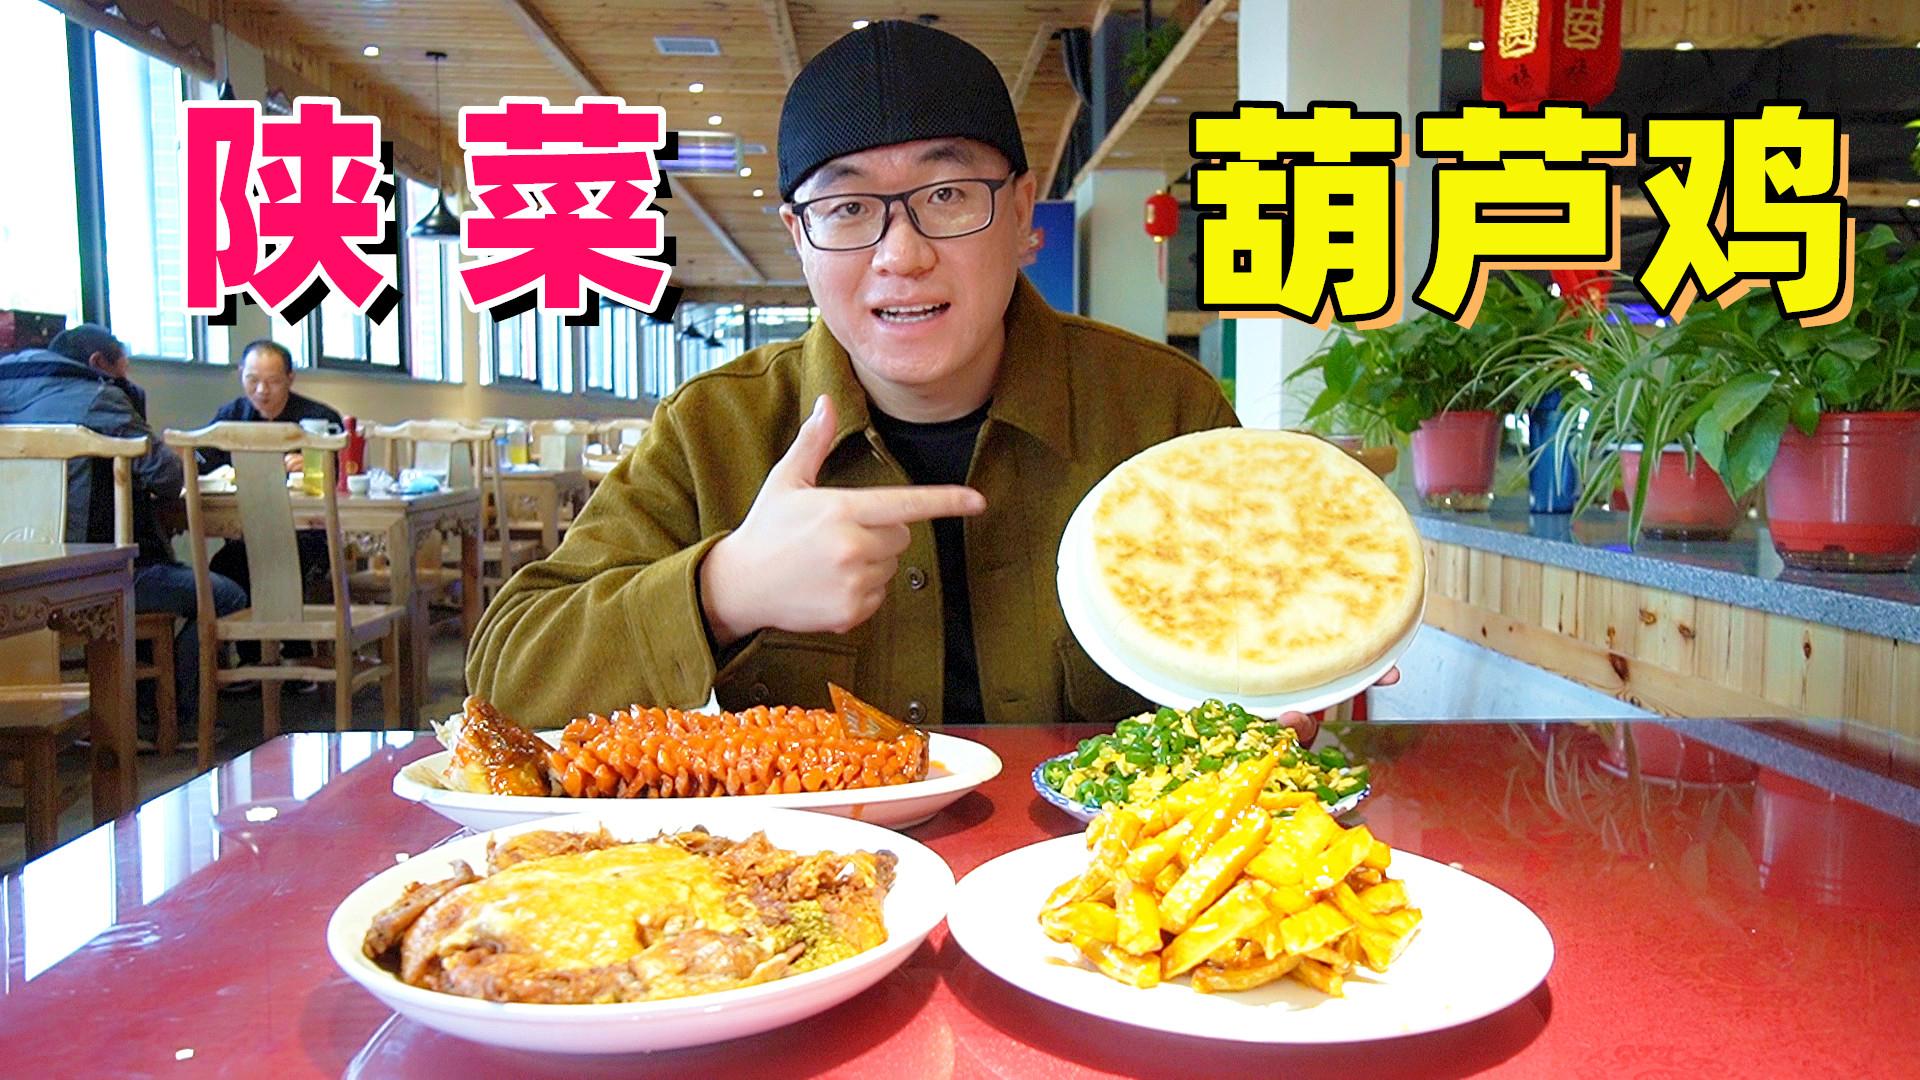 陕菜葫芦鸡,50一只肉香酥脆,4道硬菜,阿星吃顿农家乐